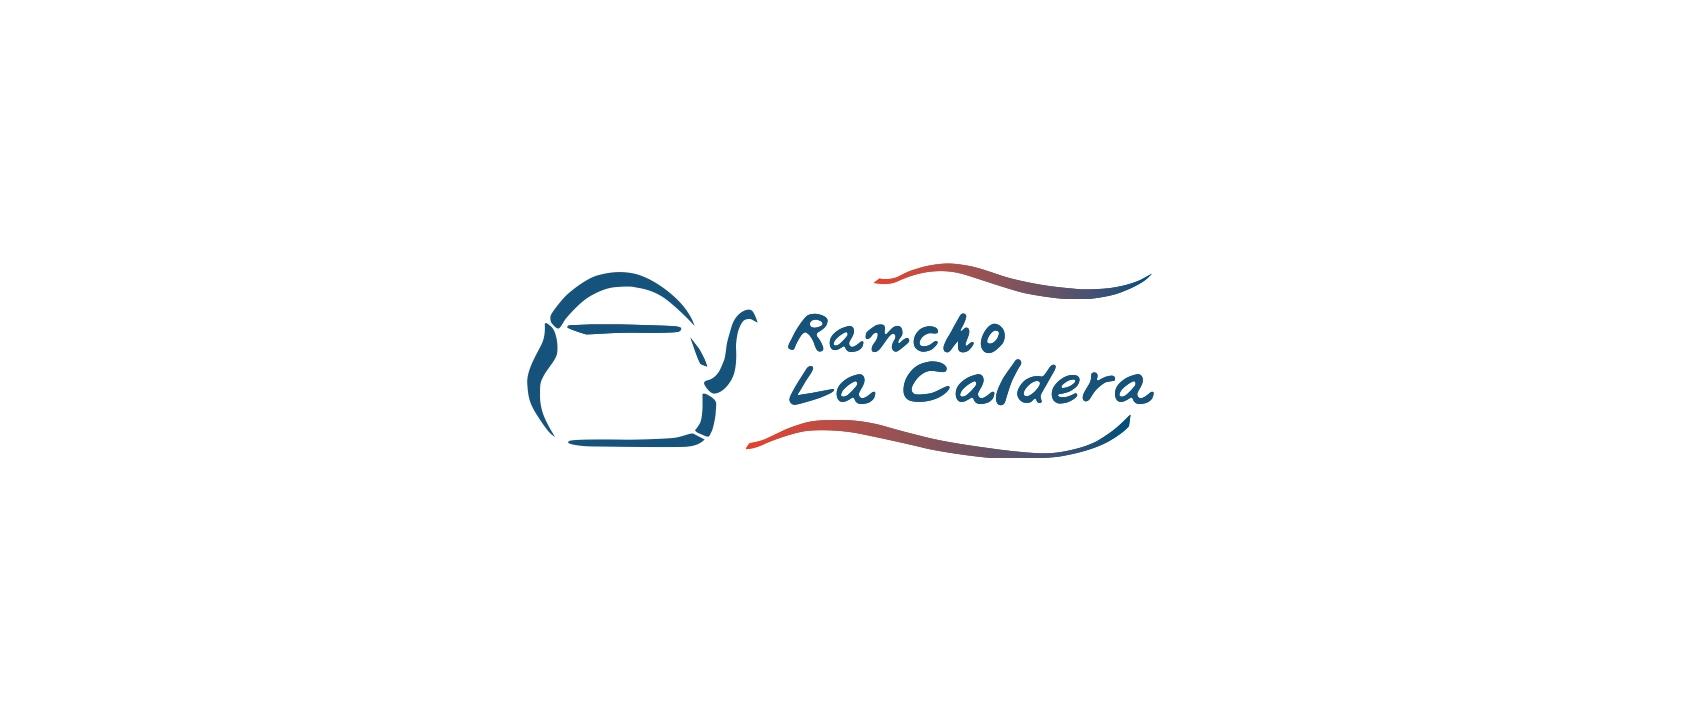 Rancho La Caldera